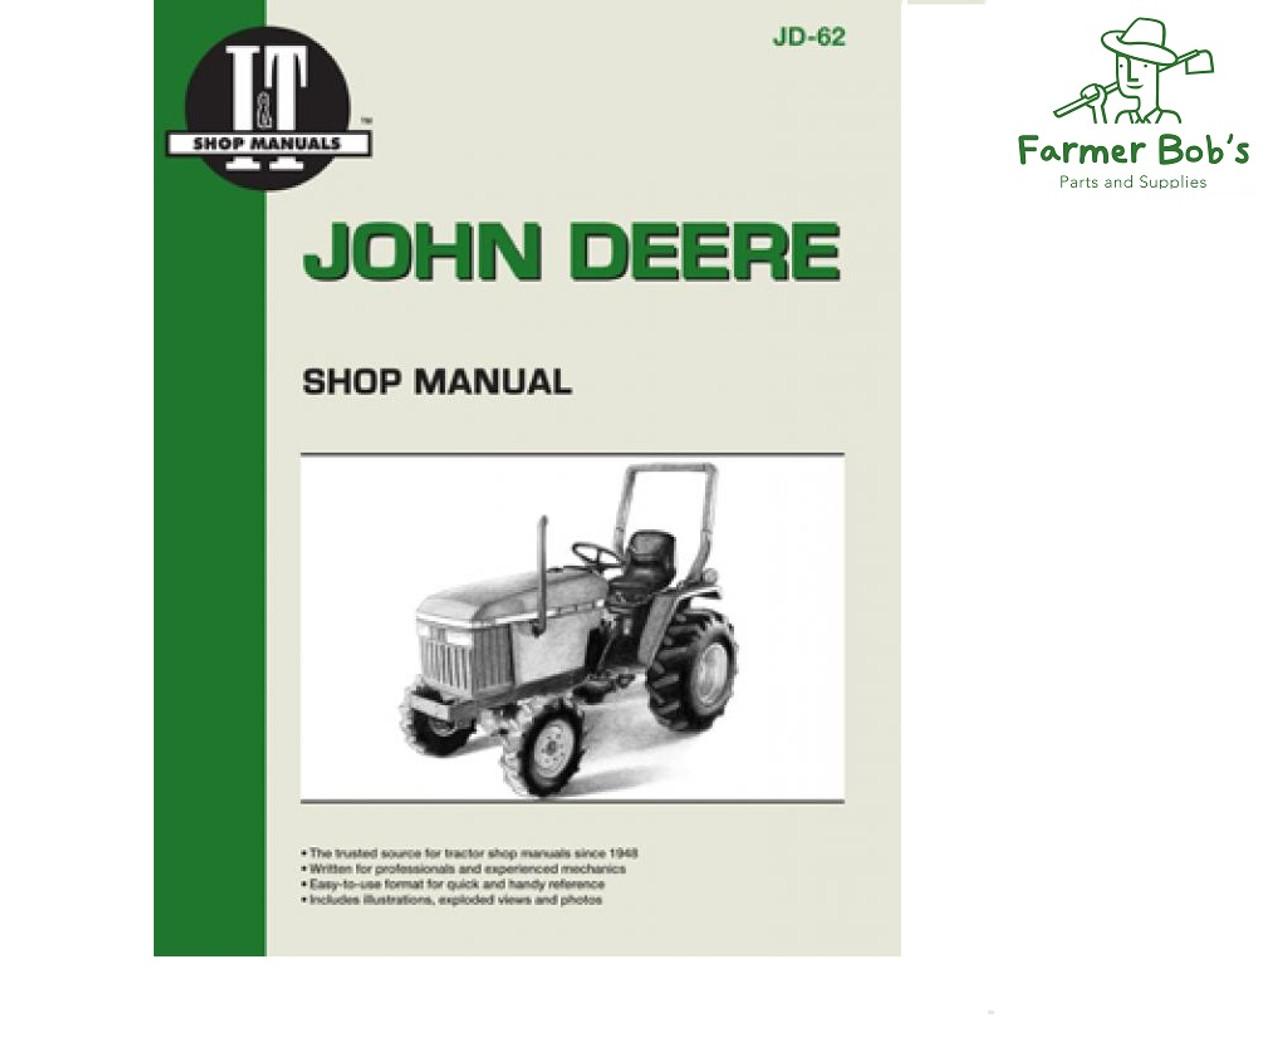 jd62 i t shop manuals john deere 670 770 870 970 and 1070 [ 1280 x 1048 Pixel ]